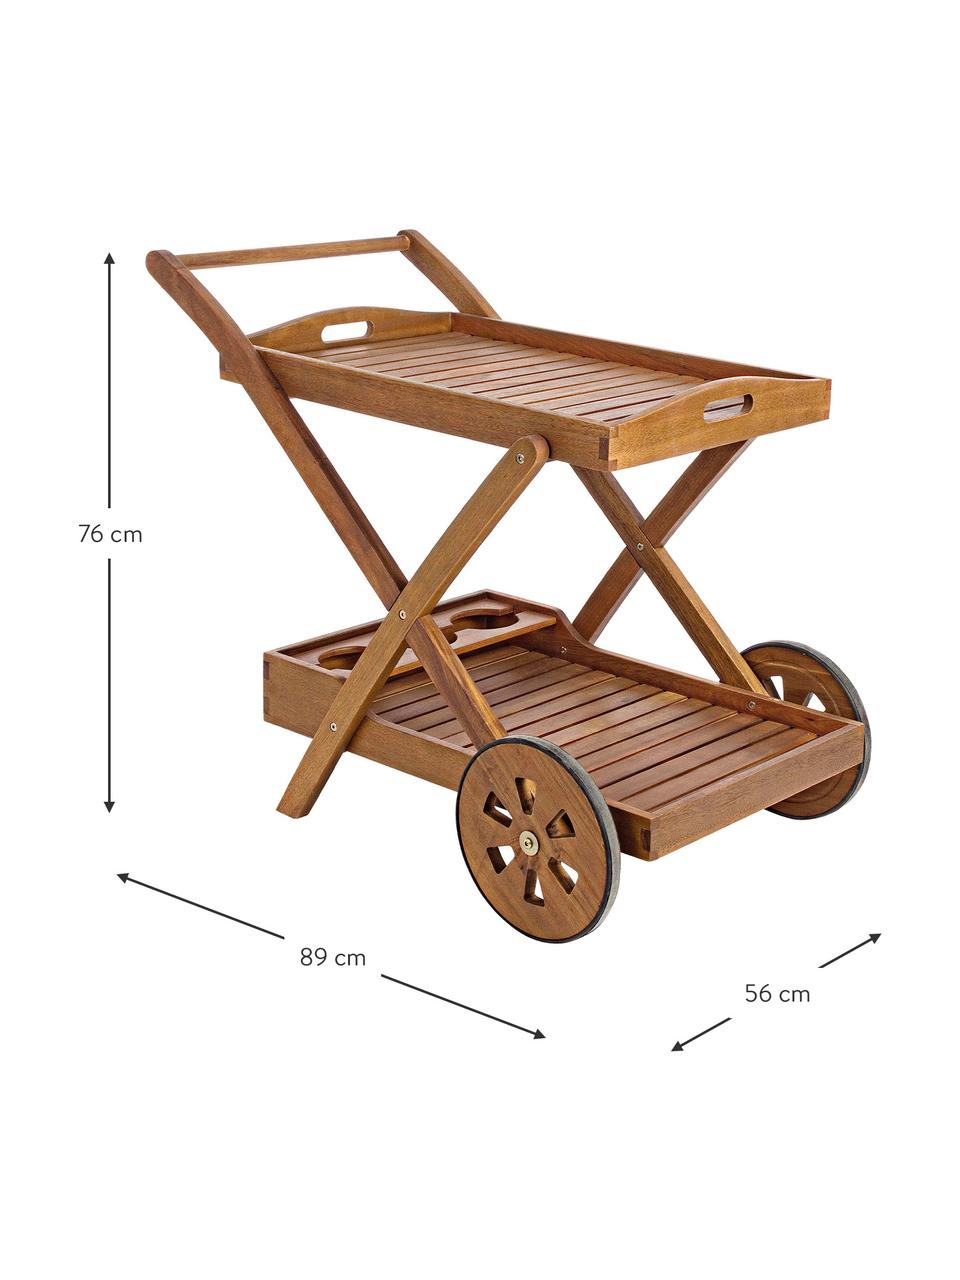 Wózek barowy ogrodowy Noemi, Drewno akacjowe, lakierowane bezbarwnie i olejowane, Brązowy, S 89 x W 76 cm